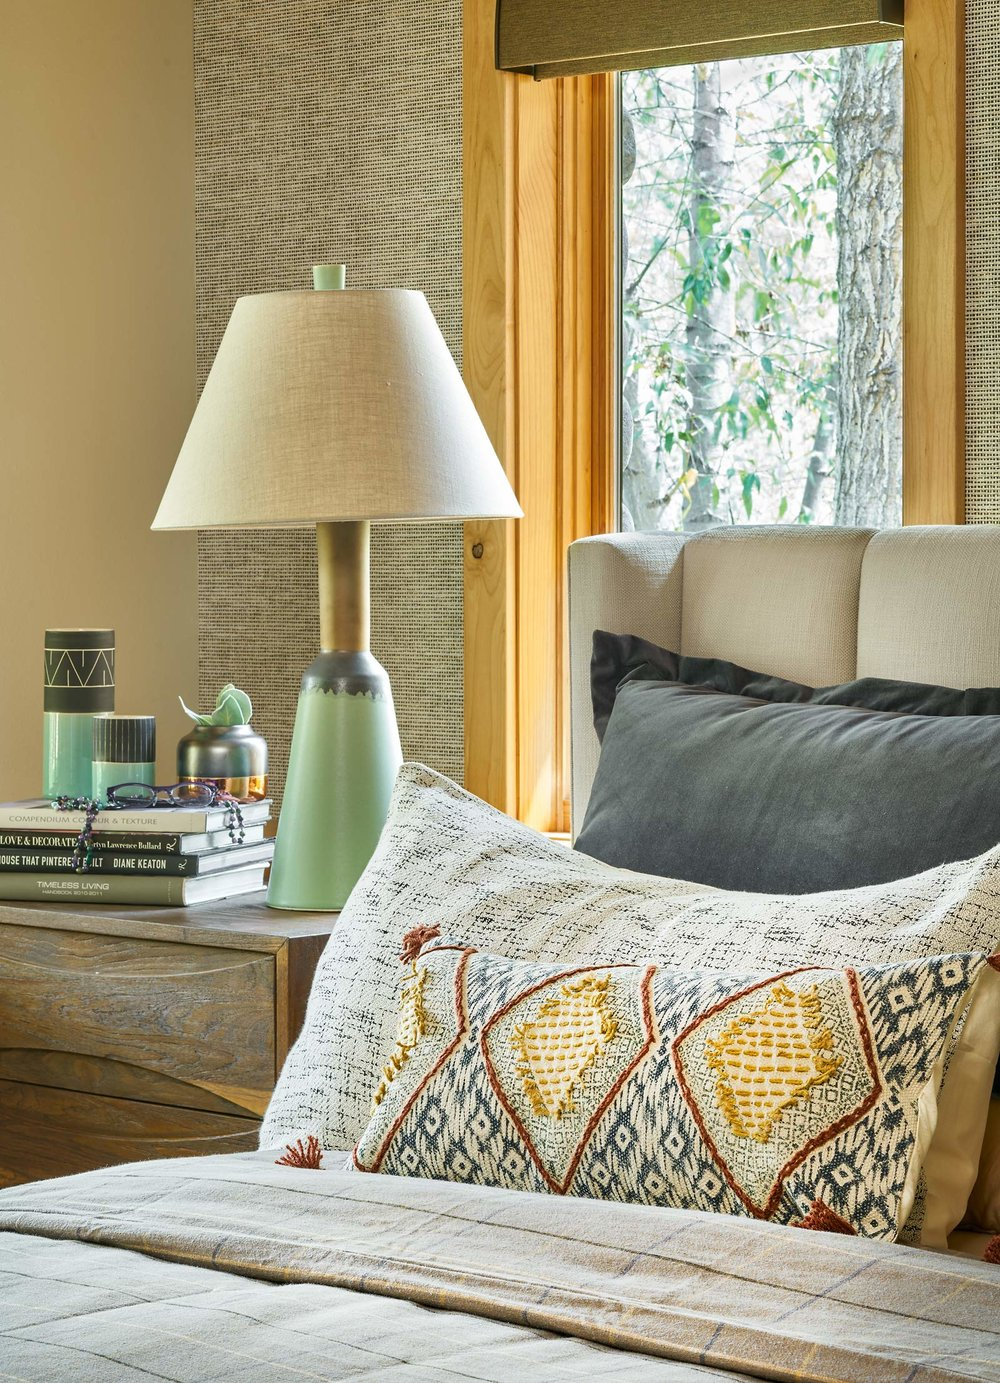 Rumor-Jerrys-08-14-18-Master-Bedroom-Detail-Web.jpg